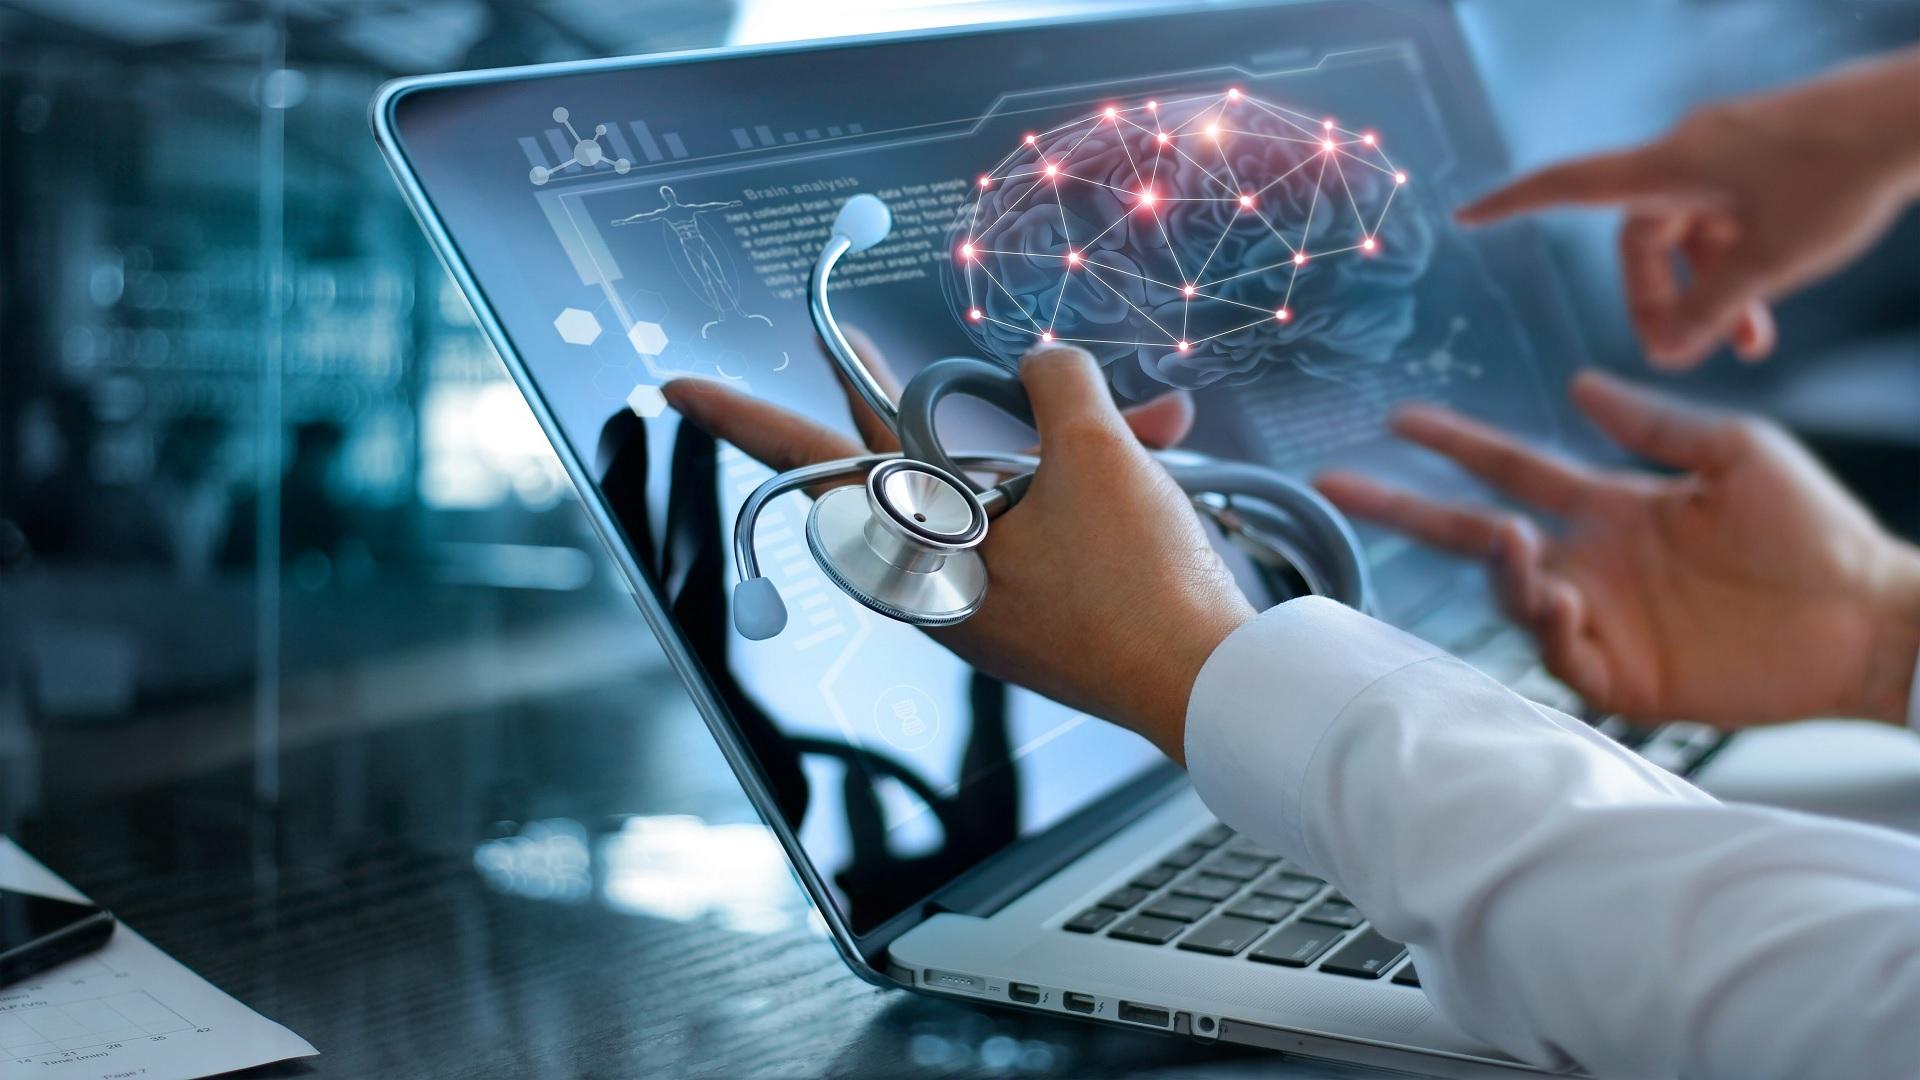 Υγειονομική περίθαλψη: πως η τεχνητή νοημοσύνη μπορεί να την μεταμορφώσει